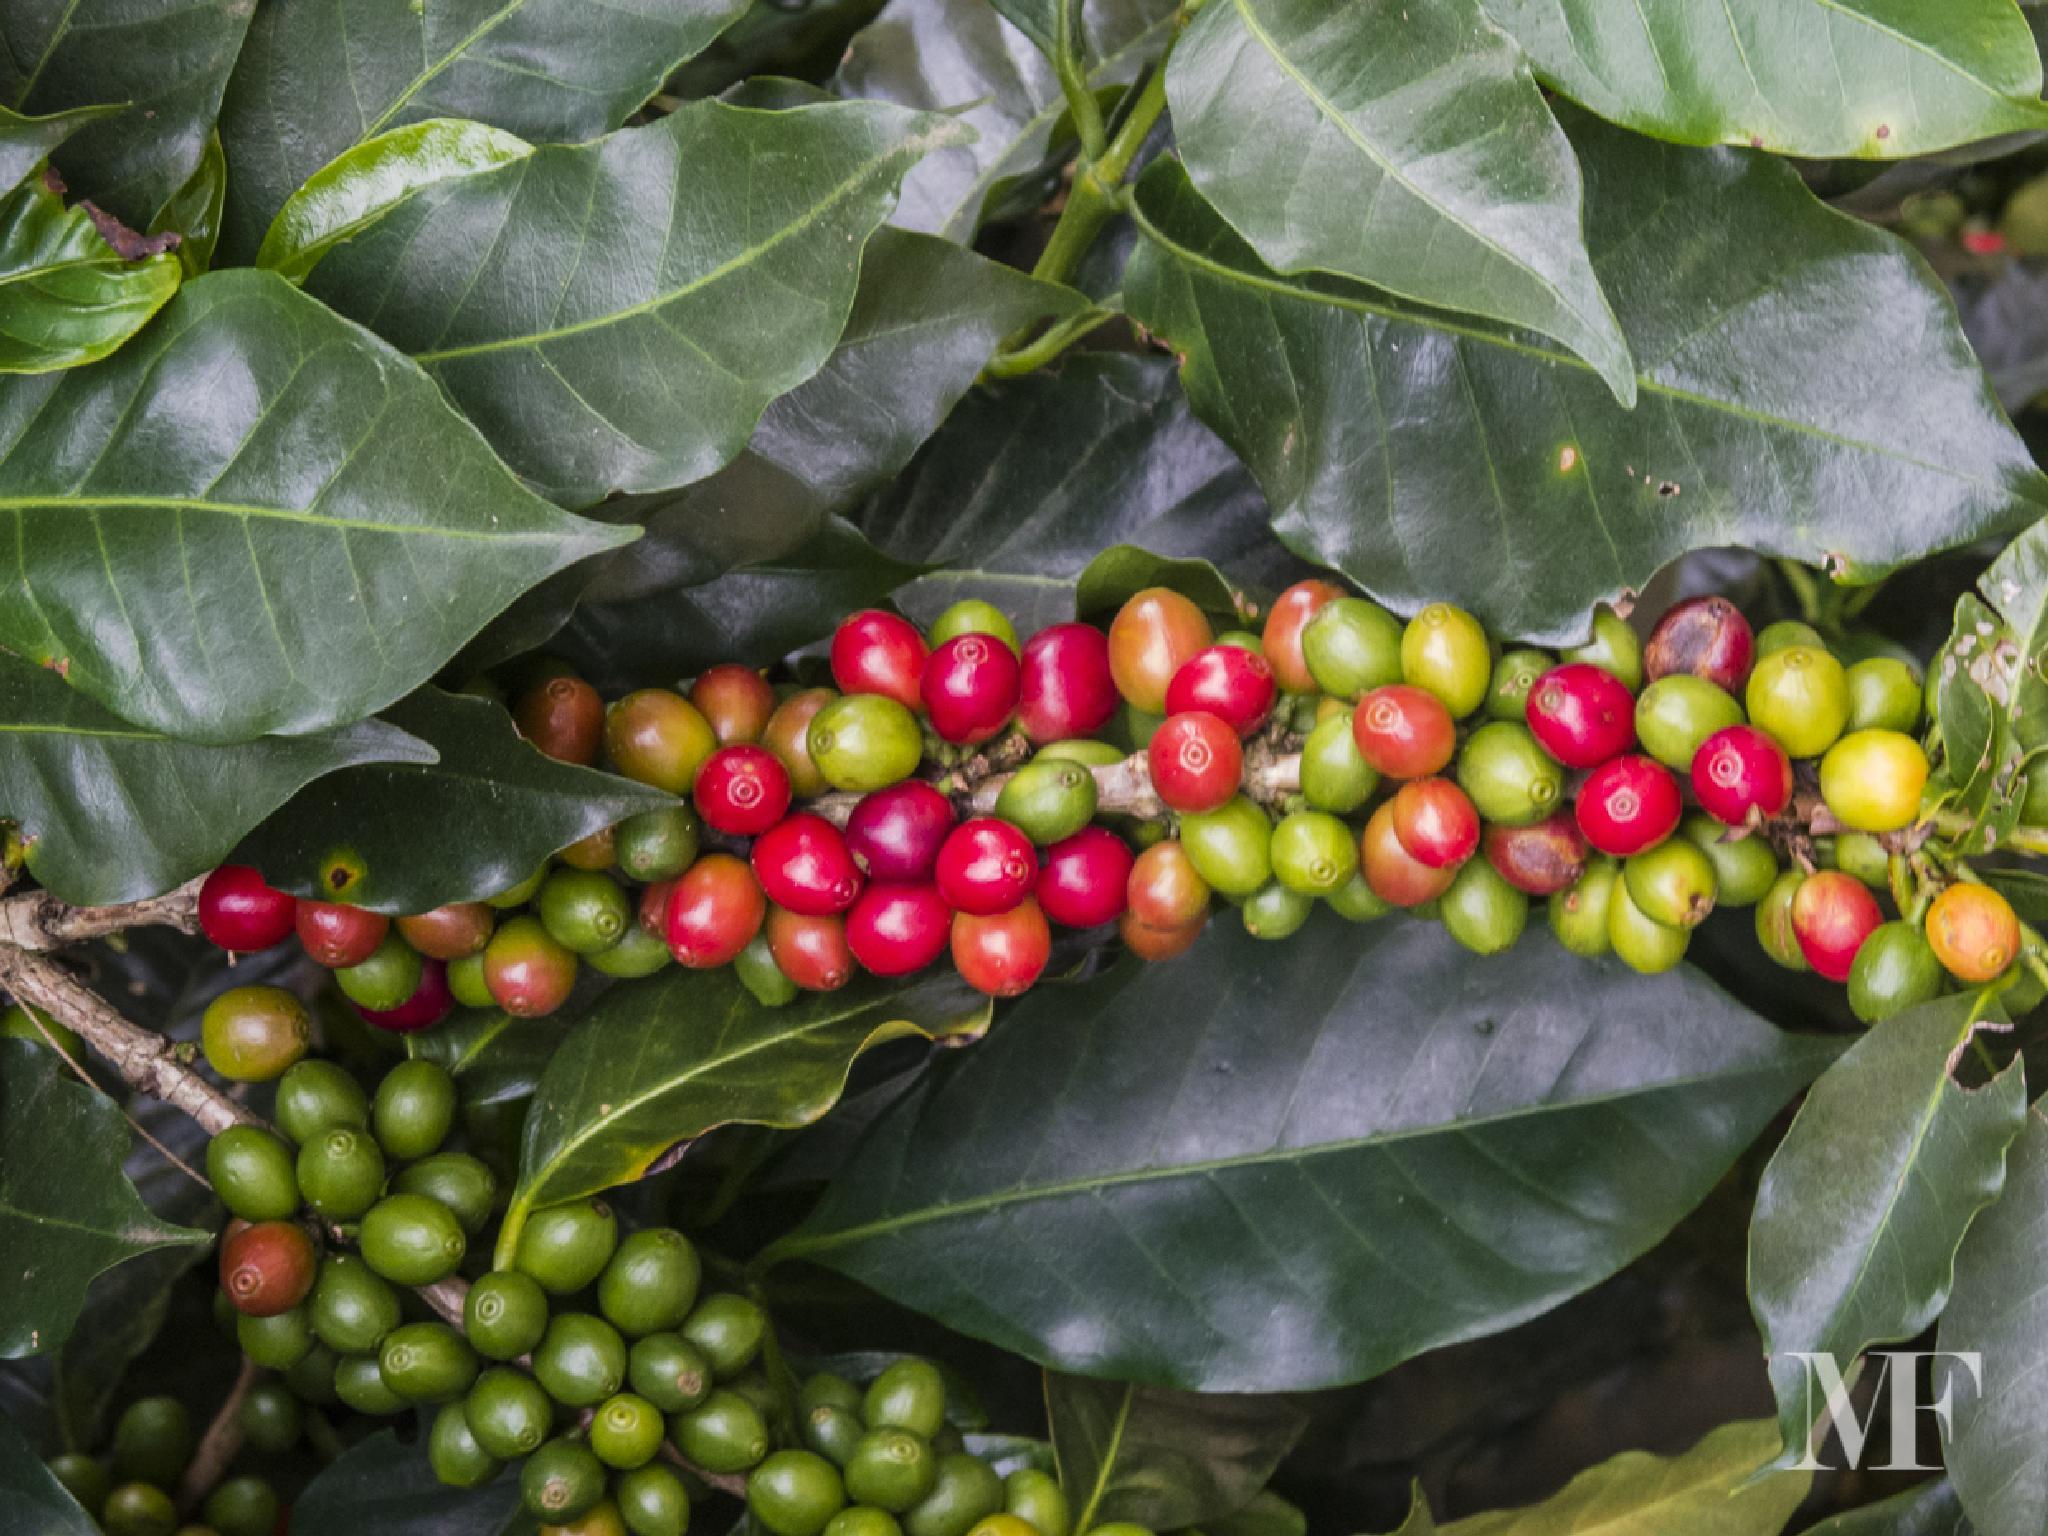 Coffee plantation in Costa Rica 02 by moreno faina